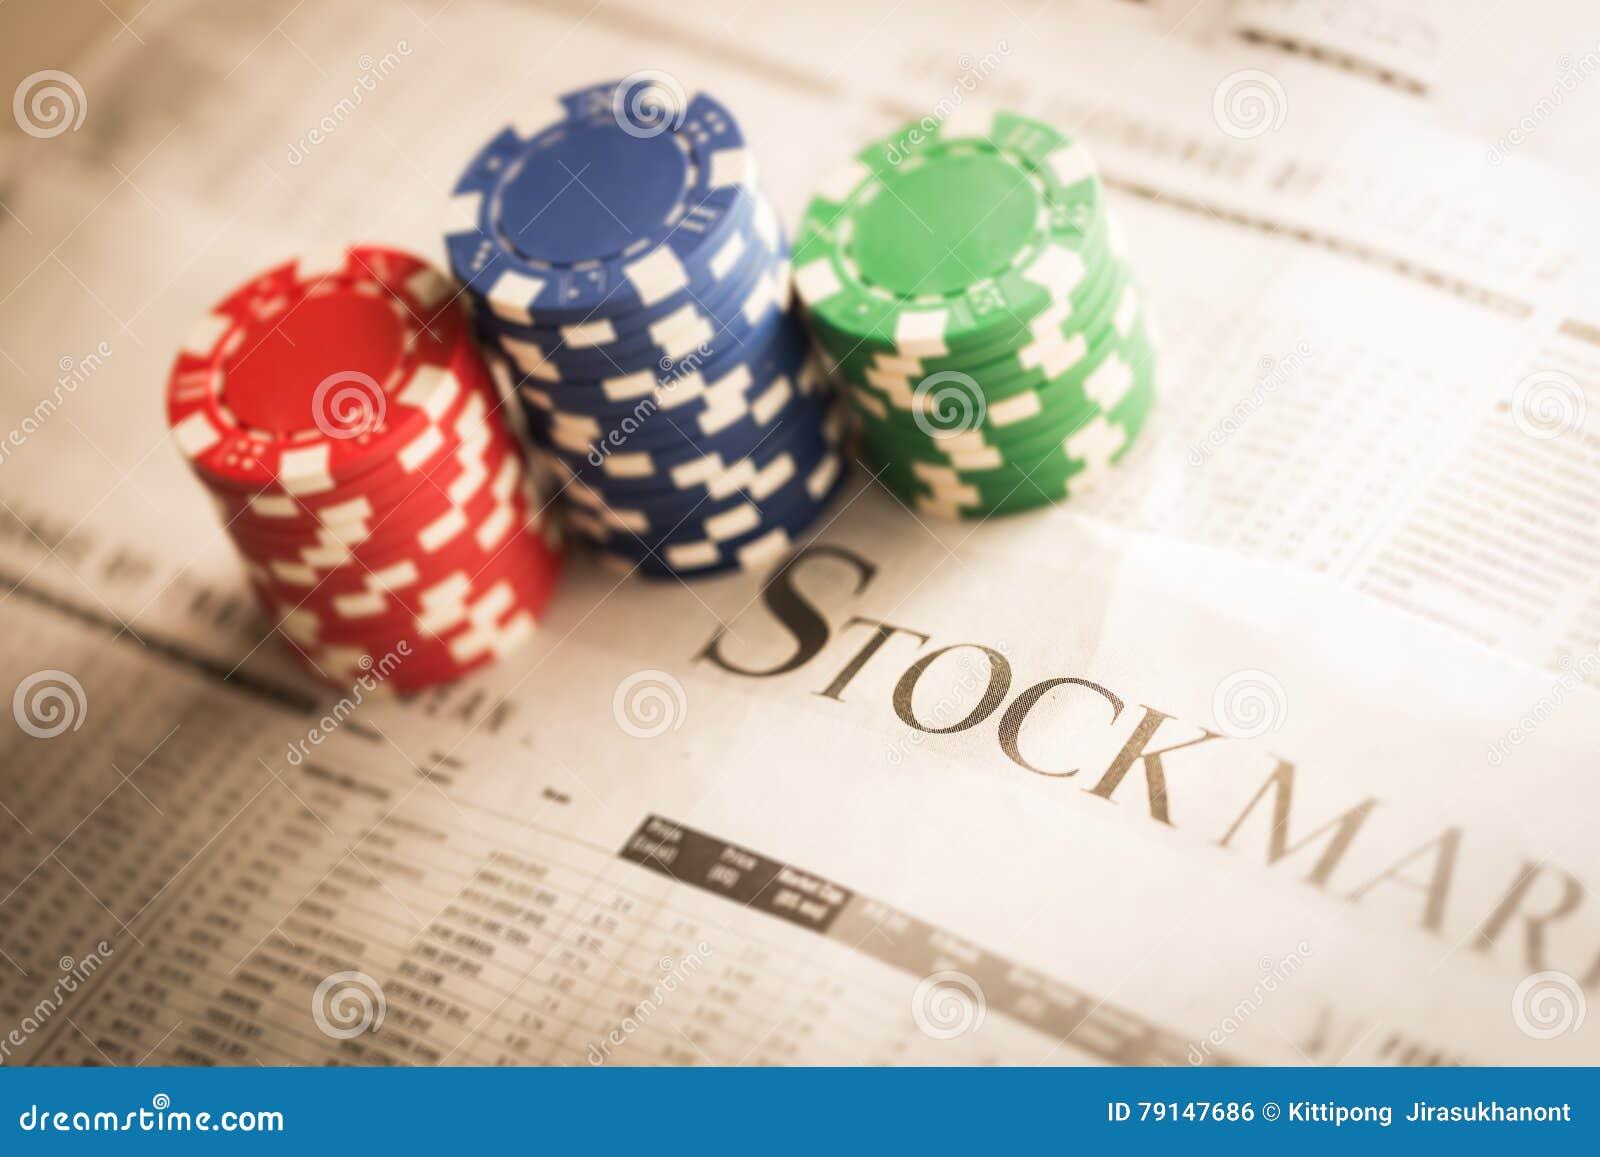 Rynku Papierów Wartościowych ryzyko